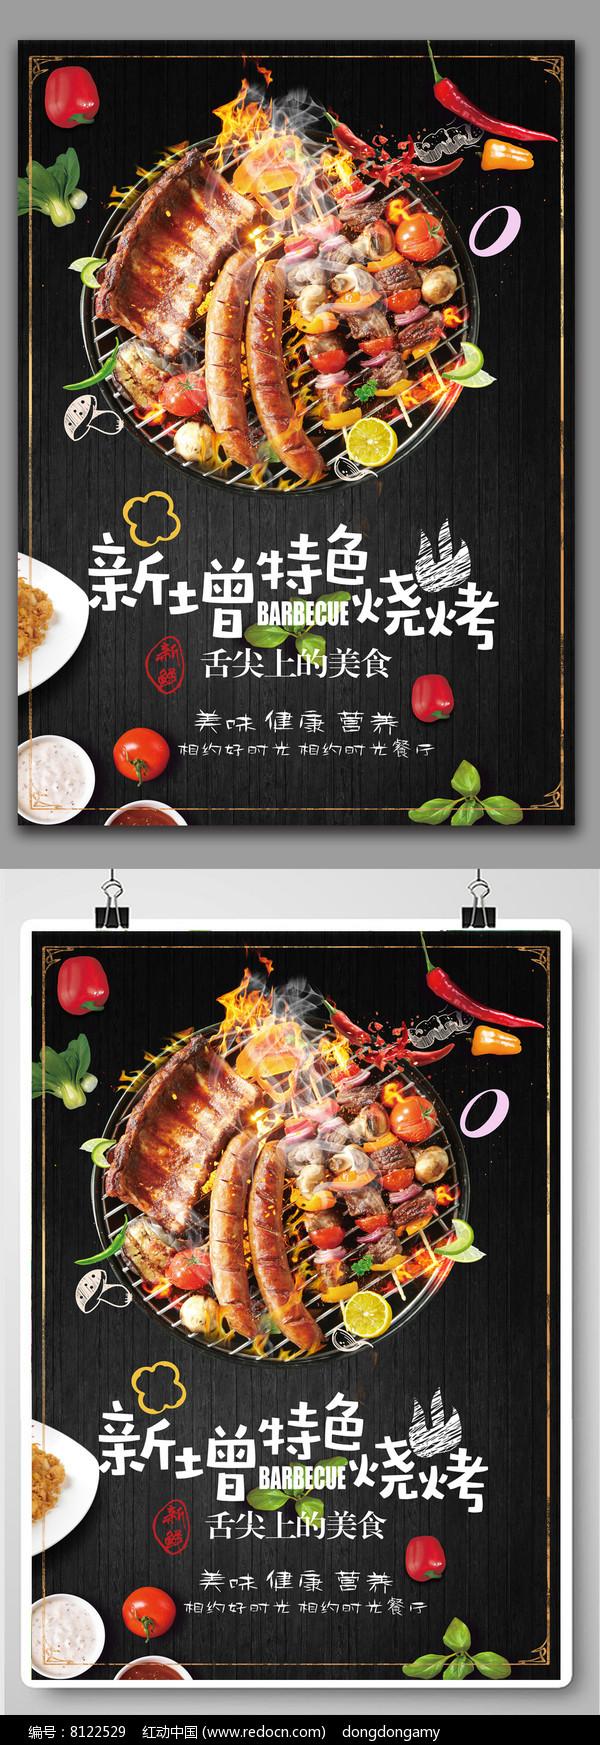 特色烧烤店美食海报设计图片